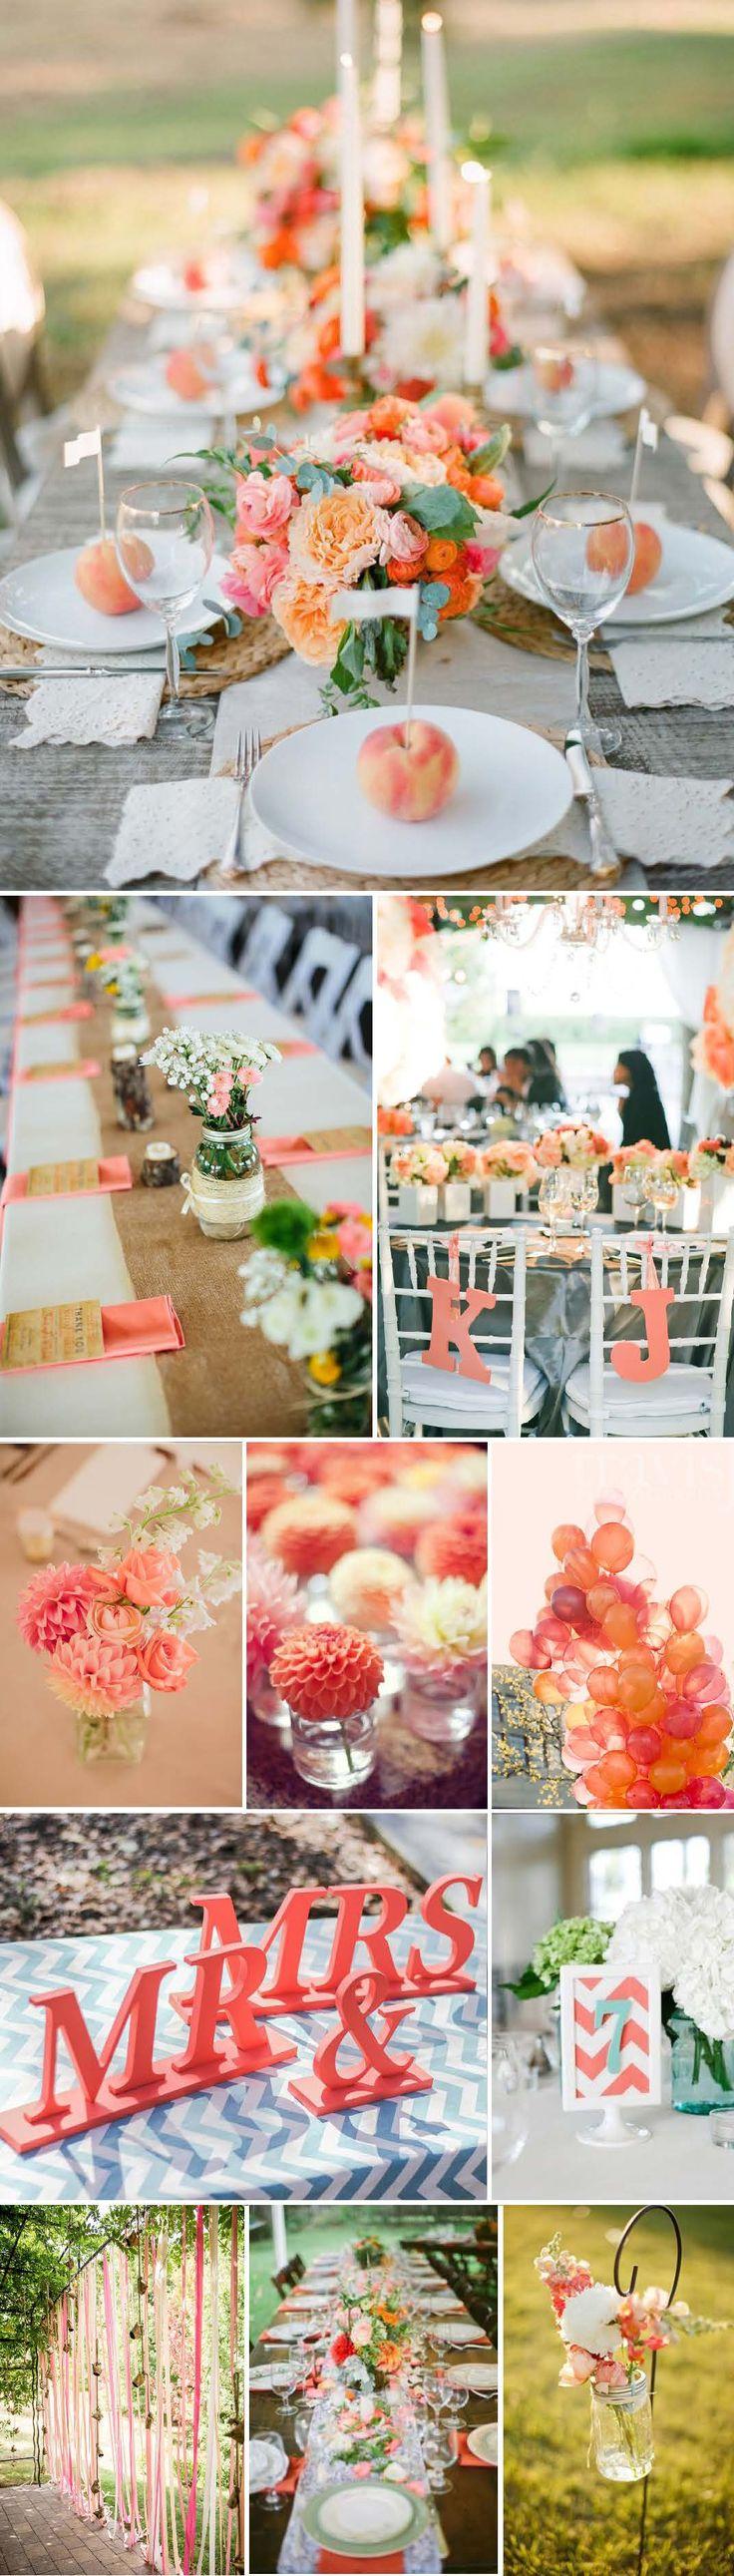 liebelein-will, Hochzeitsblog - Koralle, Farben, Hochzeit, Deko